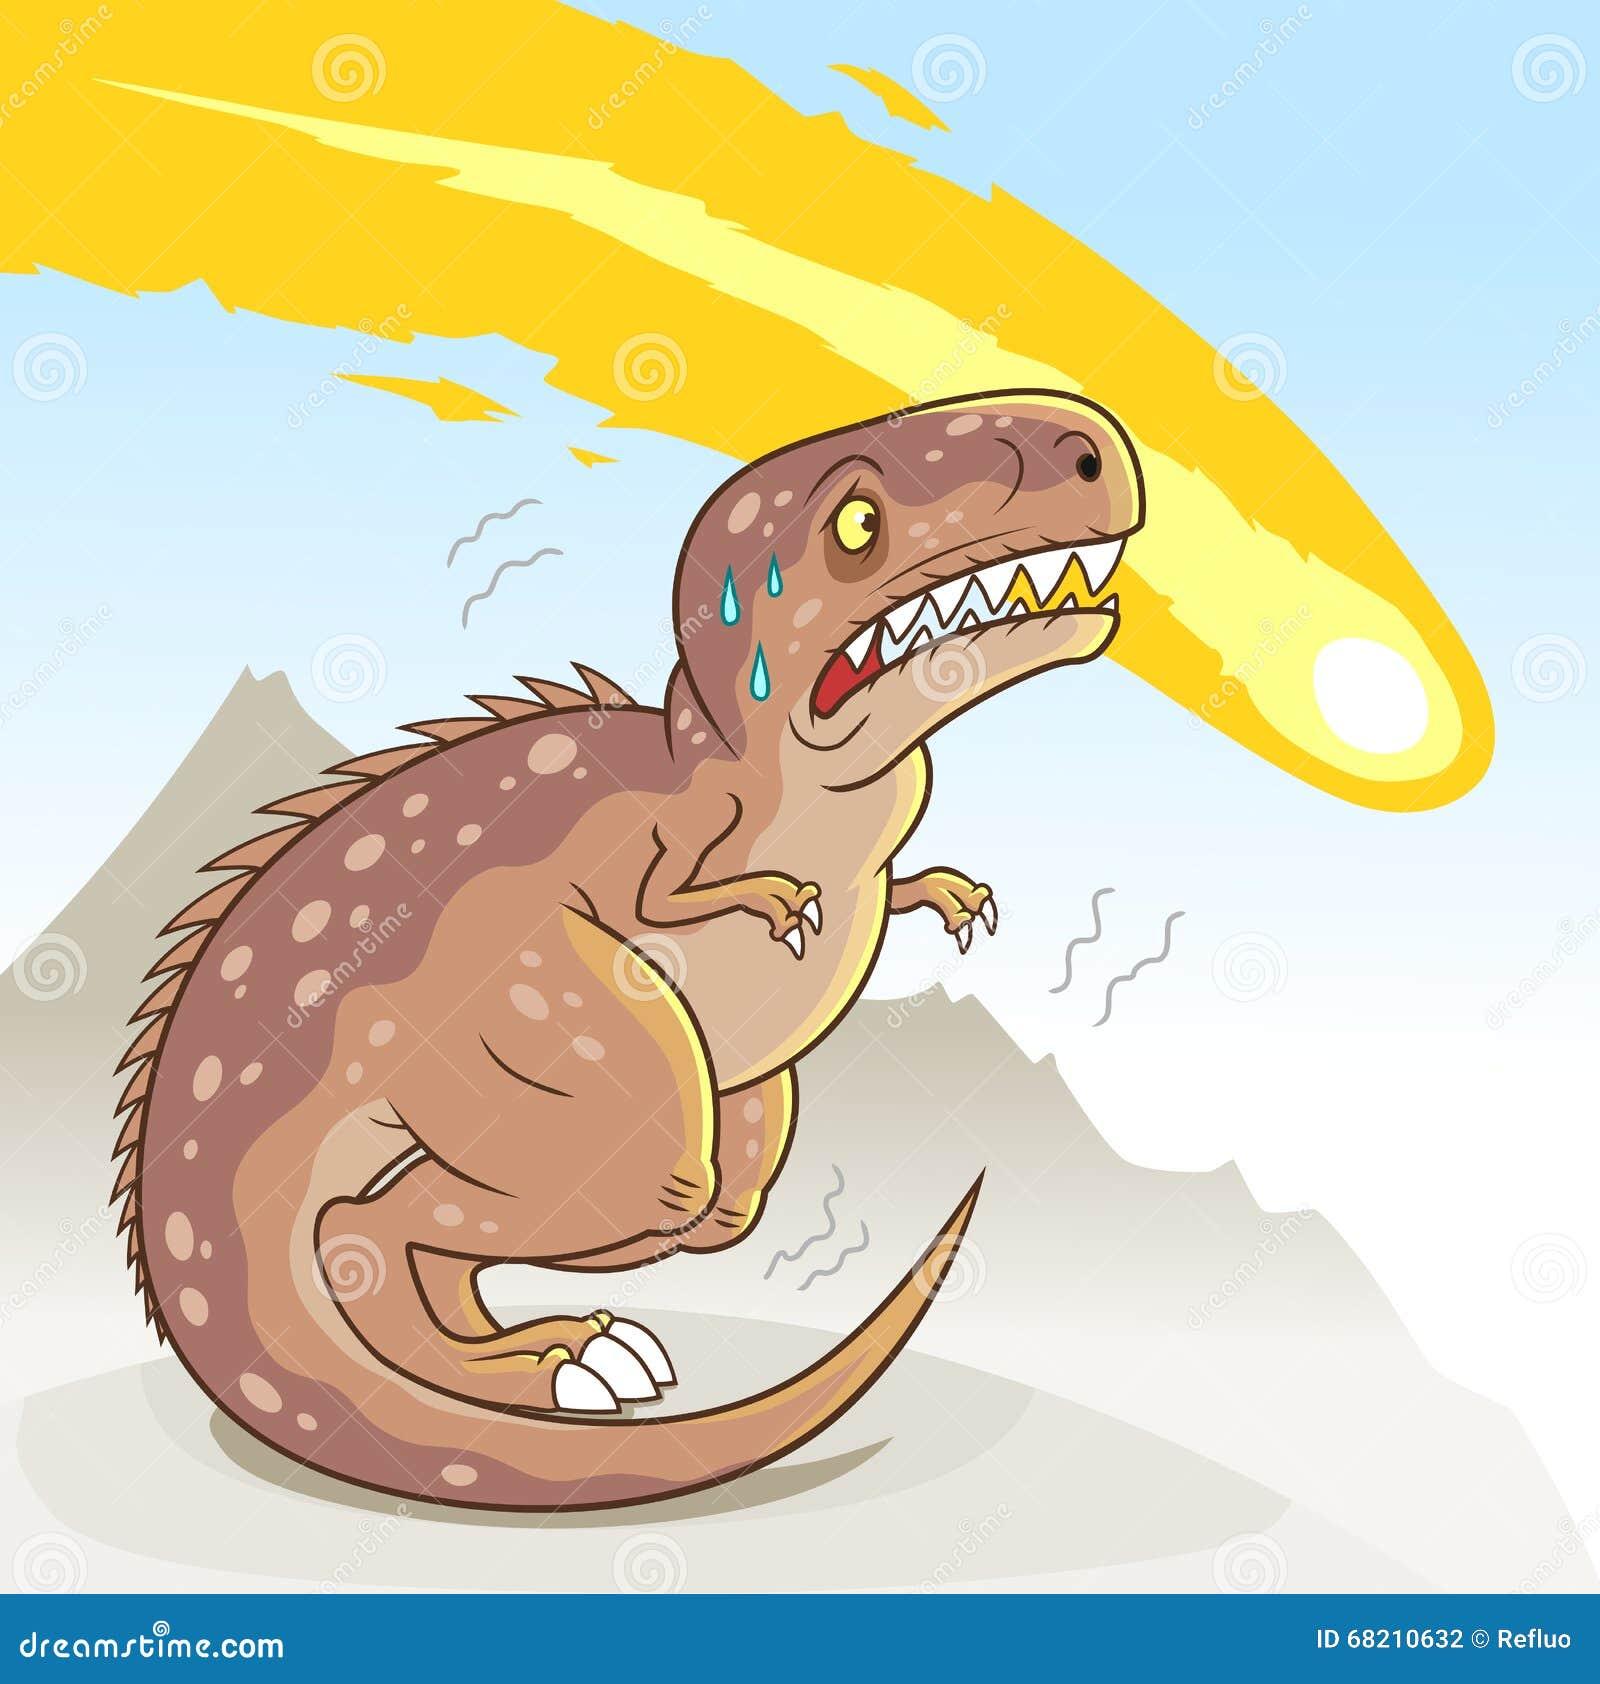 Dinosaur extinction stock vector. Illustration of cartoon ...